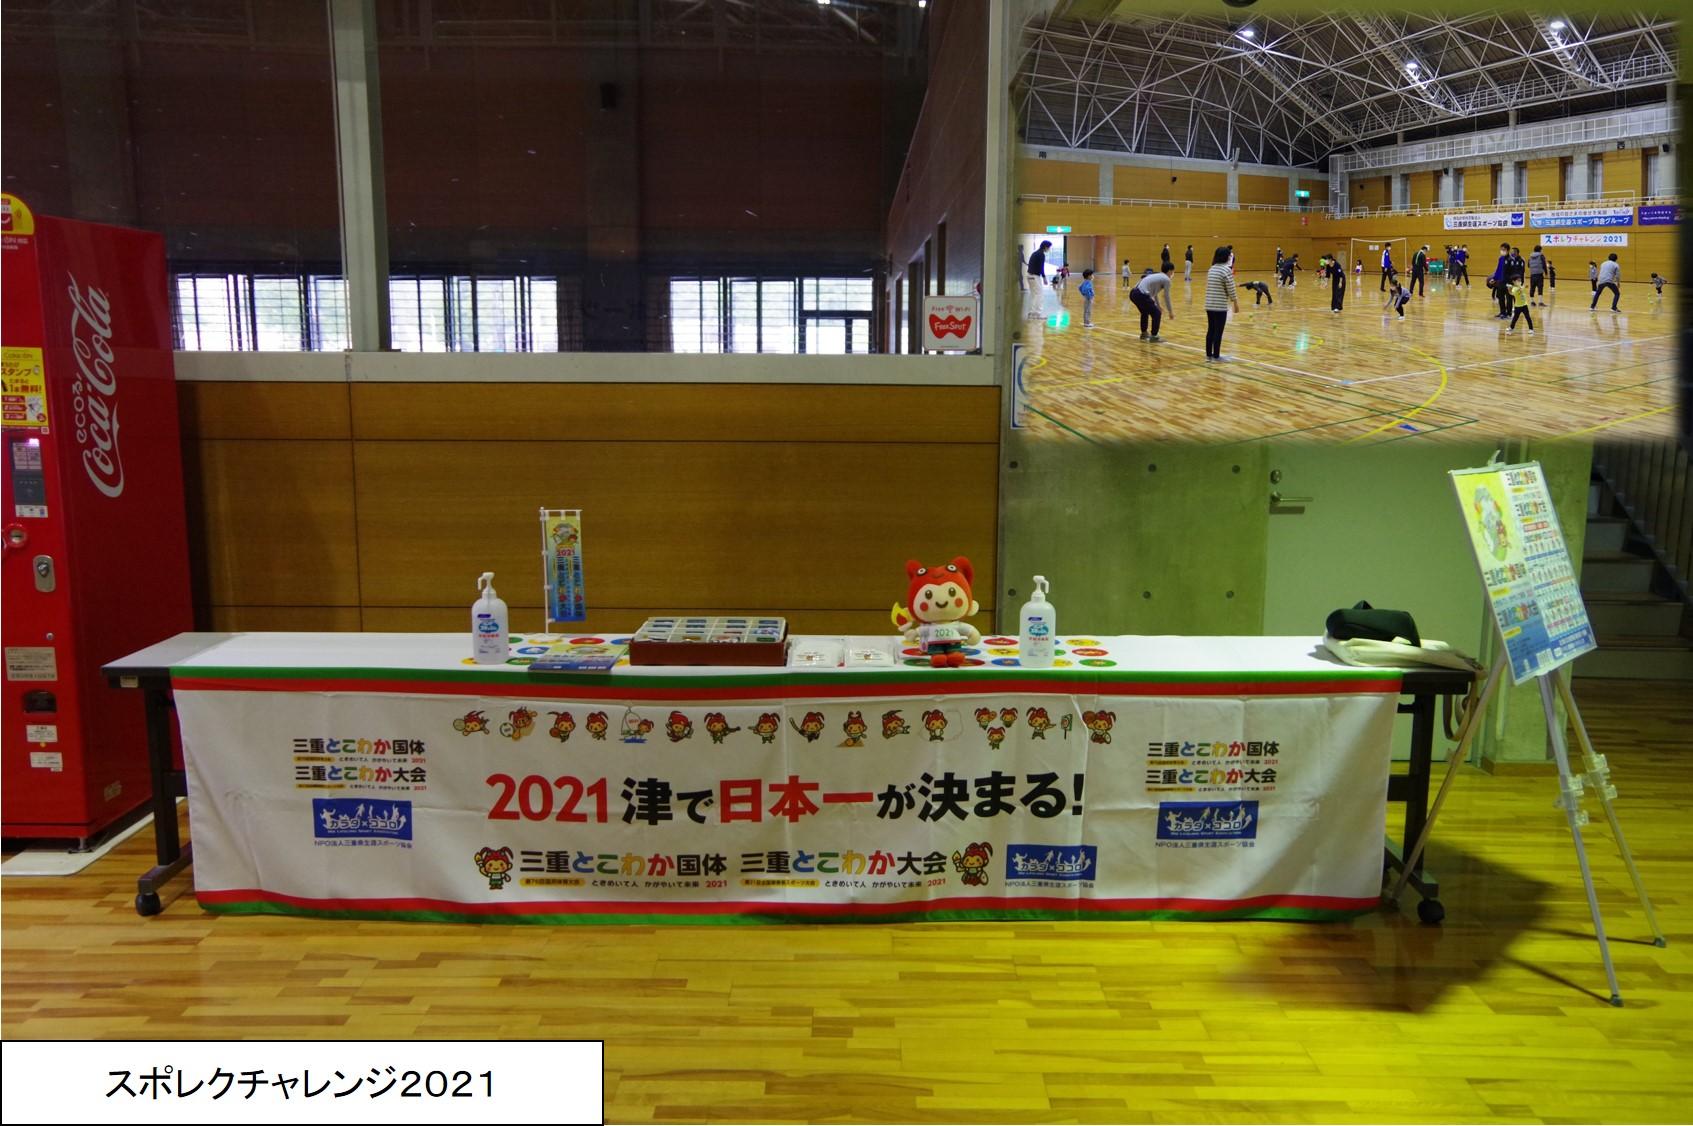 スポレクチャレンジ2021 津市安濃体育館